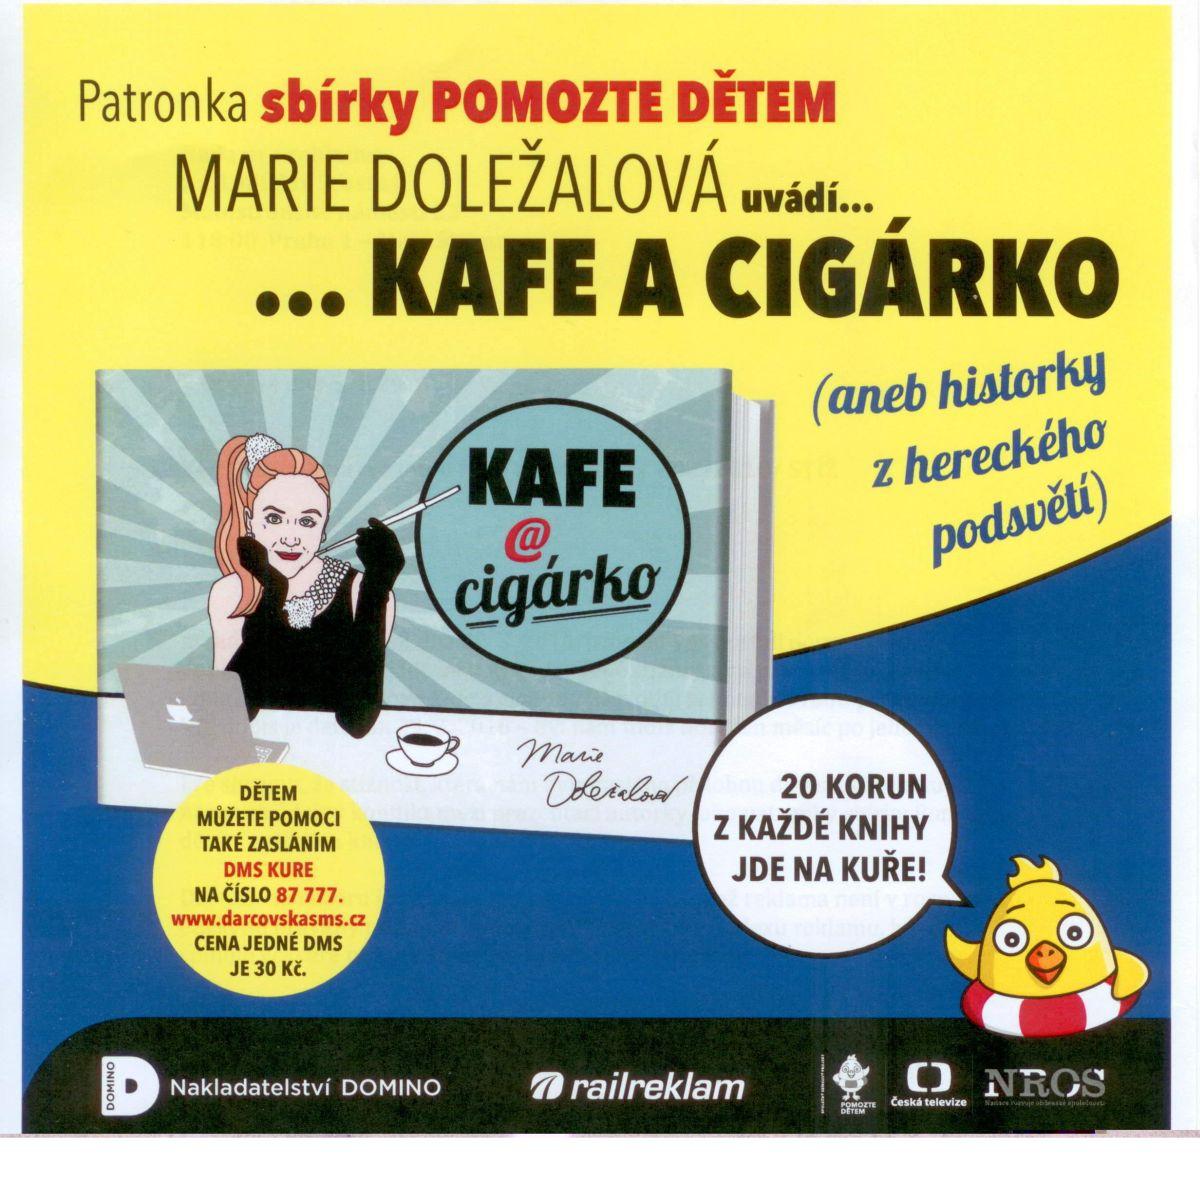 Kampaň knížky Kafe a cigárko